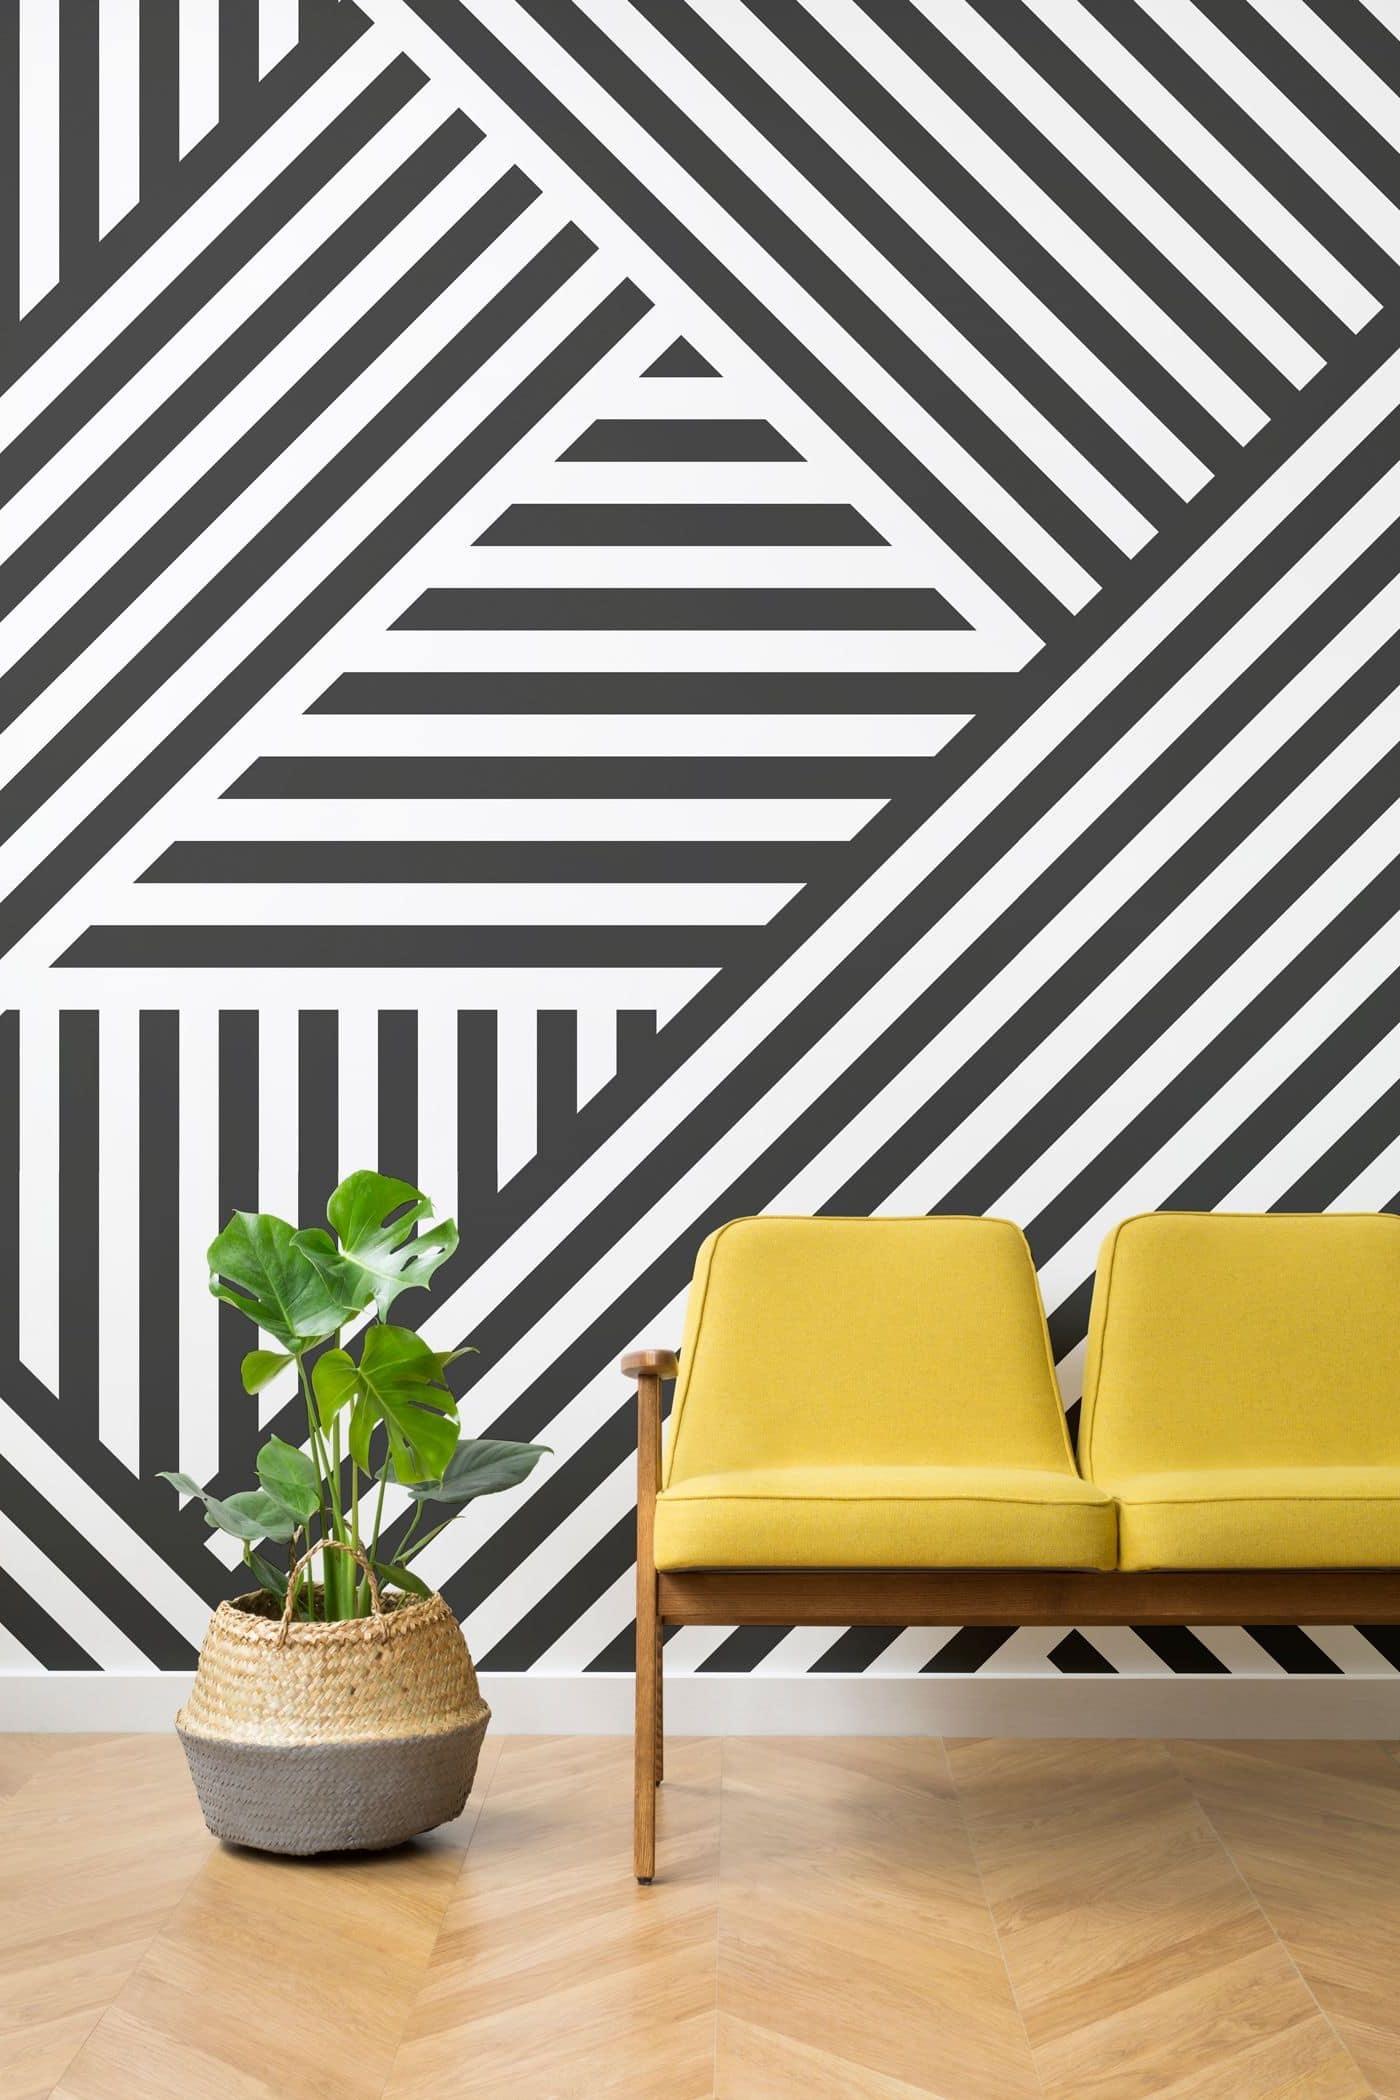 La pertinence du papier peint à rayures dans les intérieurs modernes est de nouveau à la mode